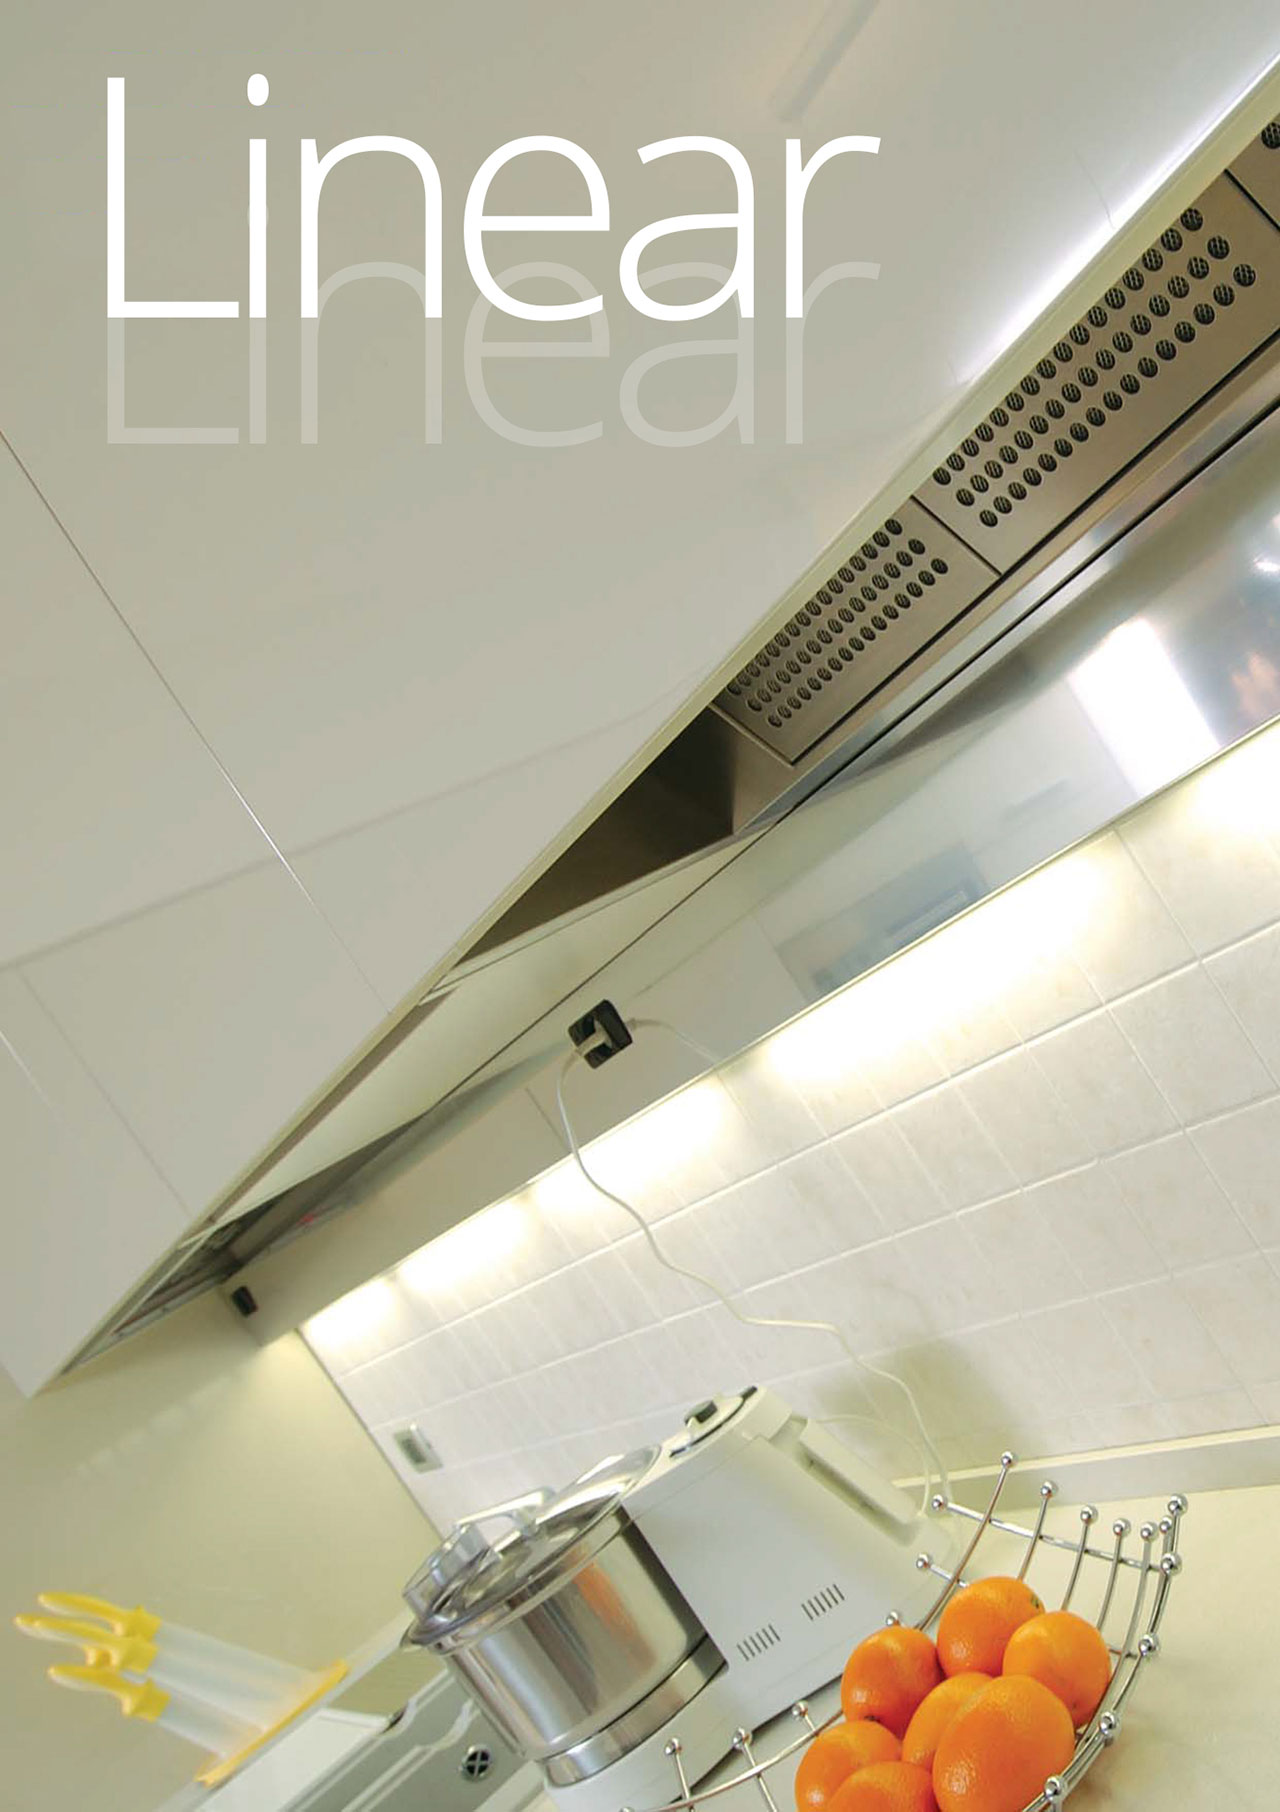 linear-35x50